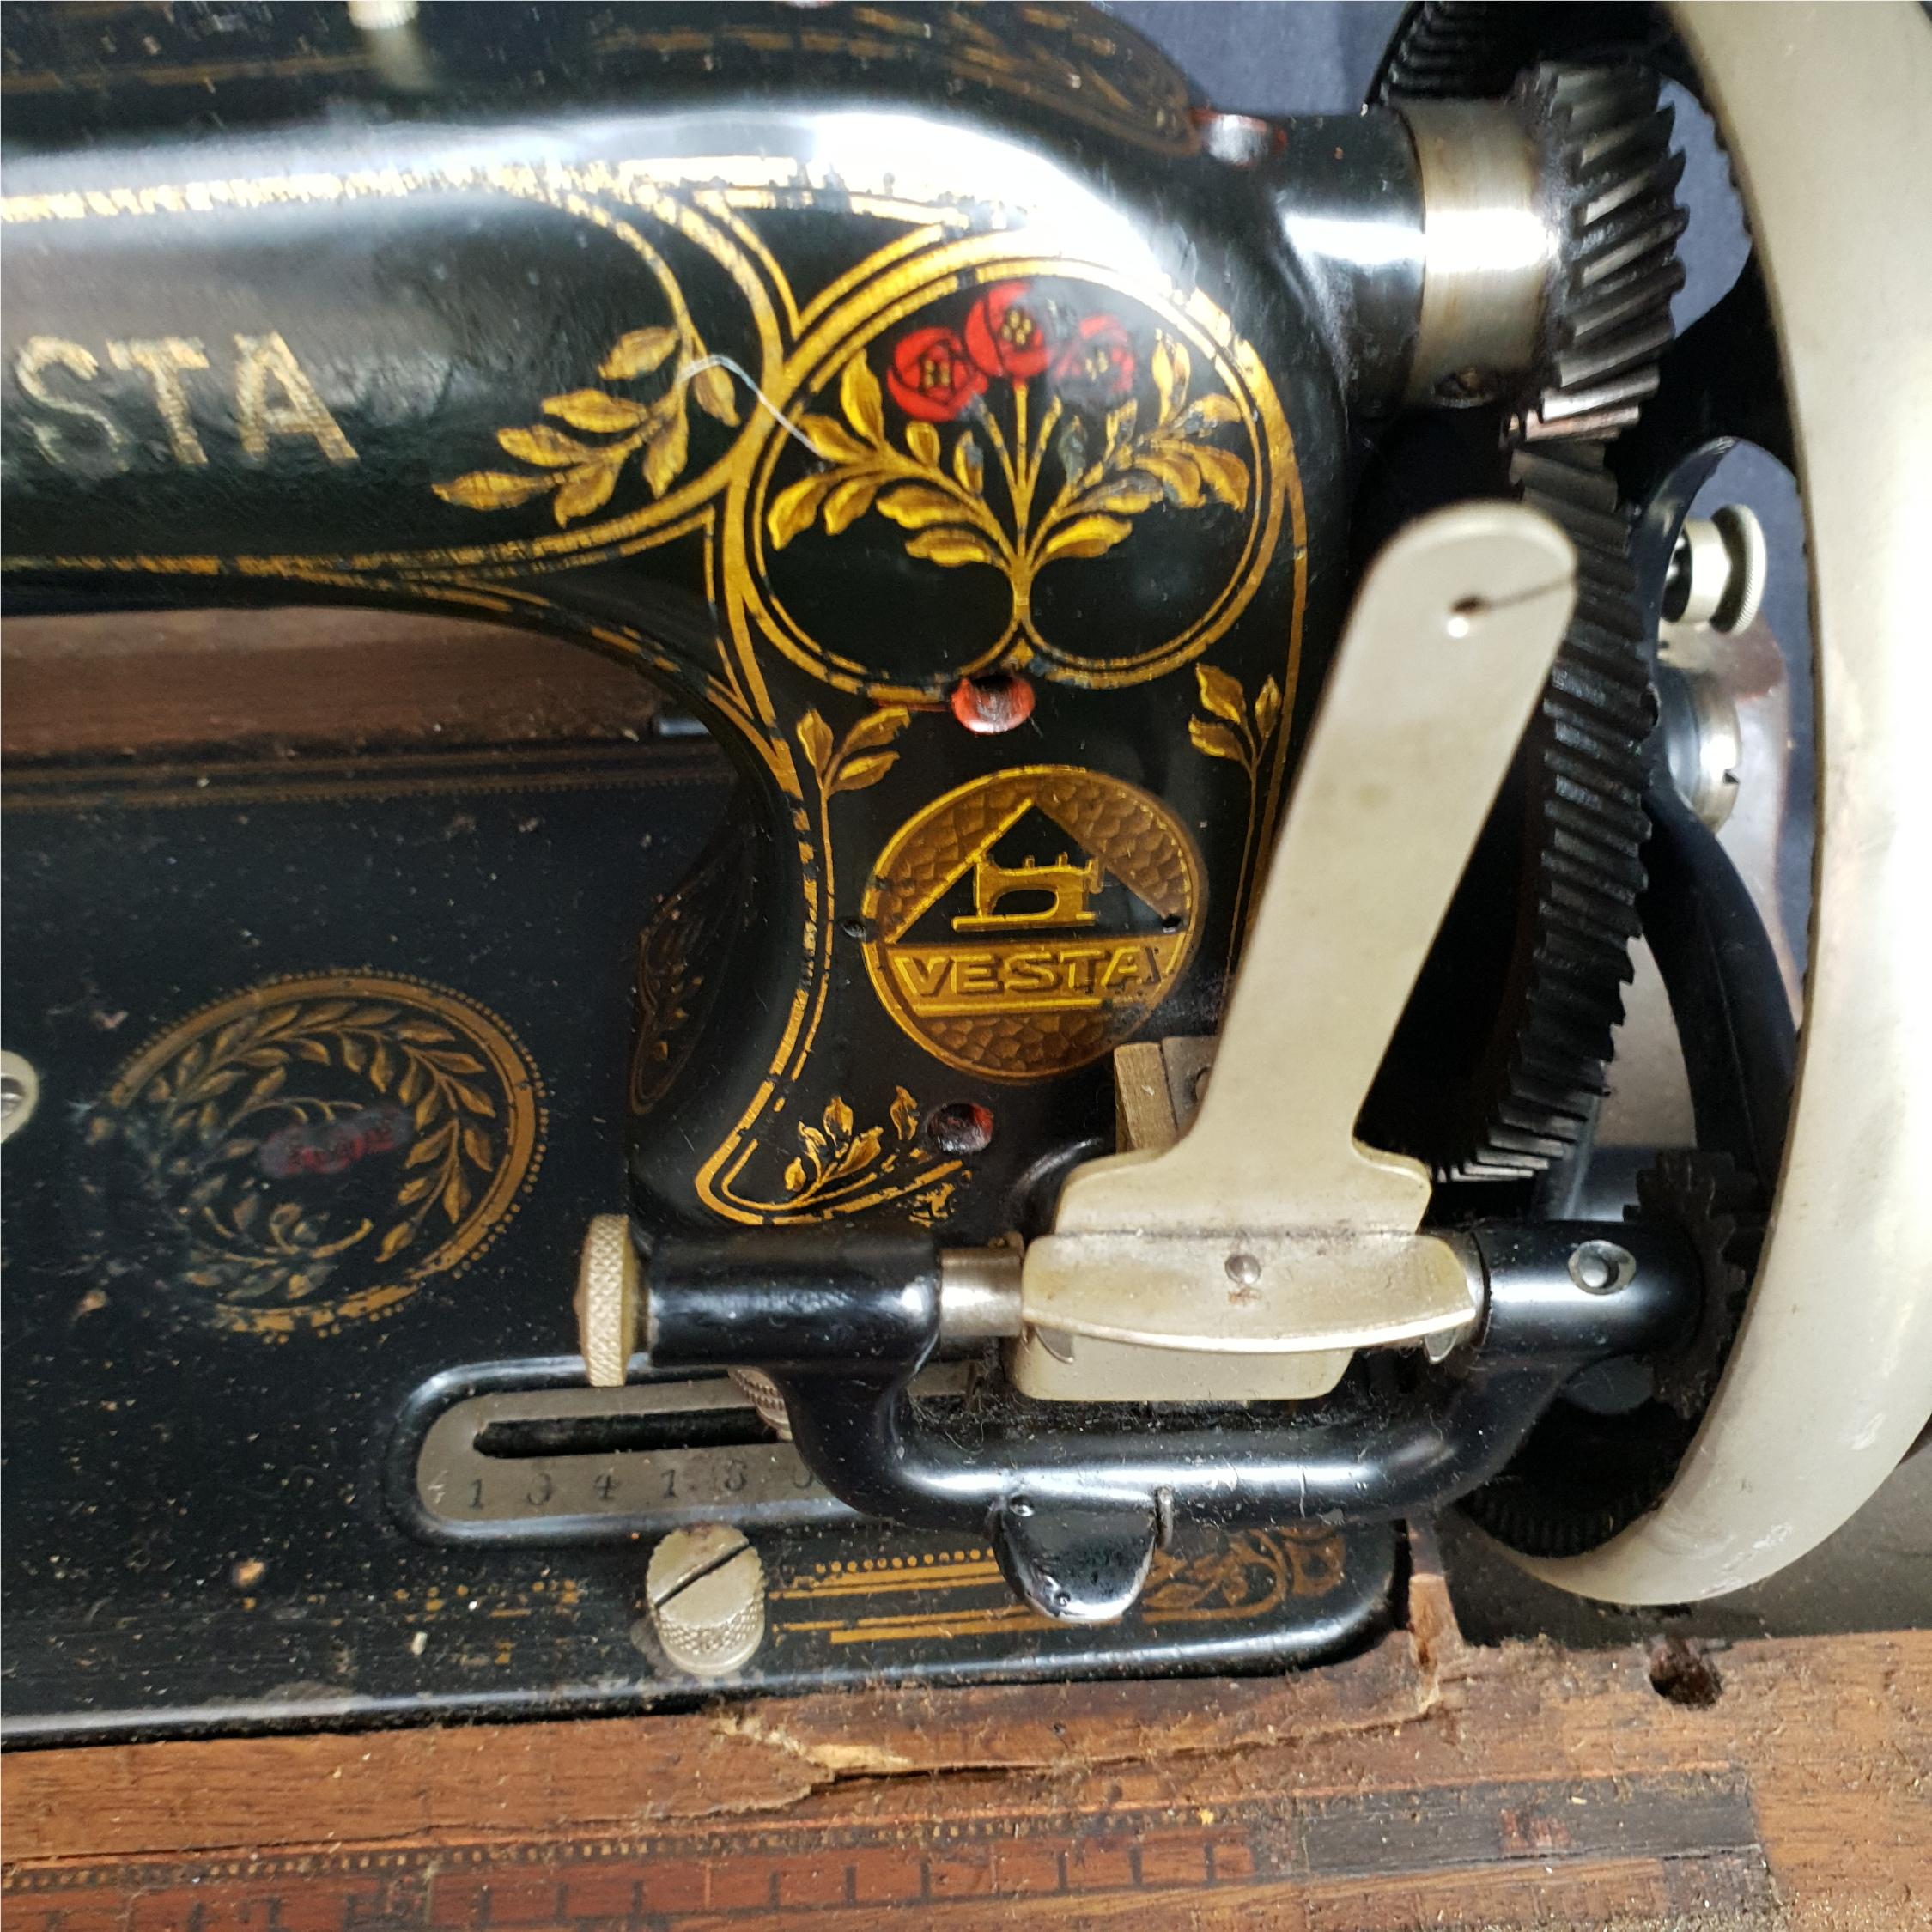 Antique Vesta Sewing Machine In Original Case - Image 2 of 3